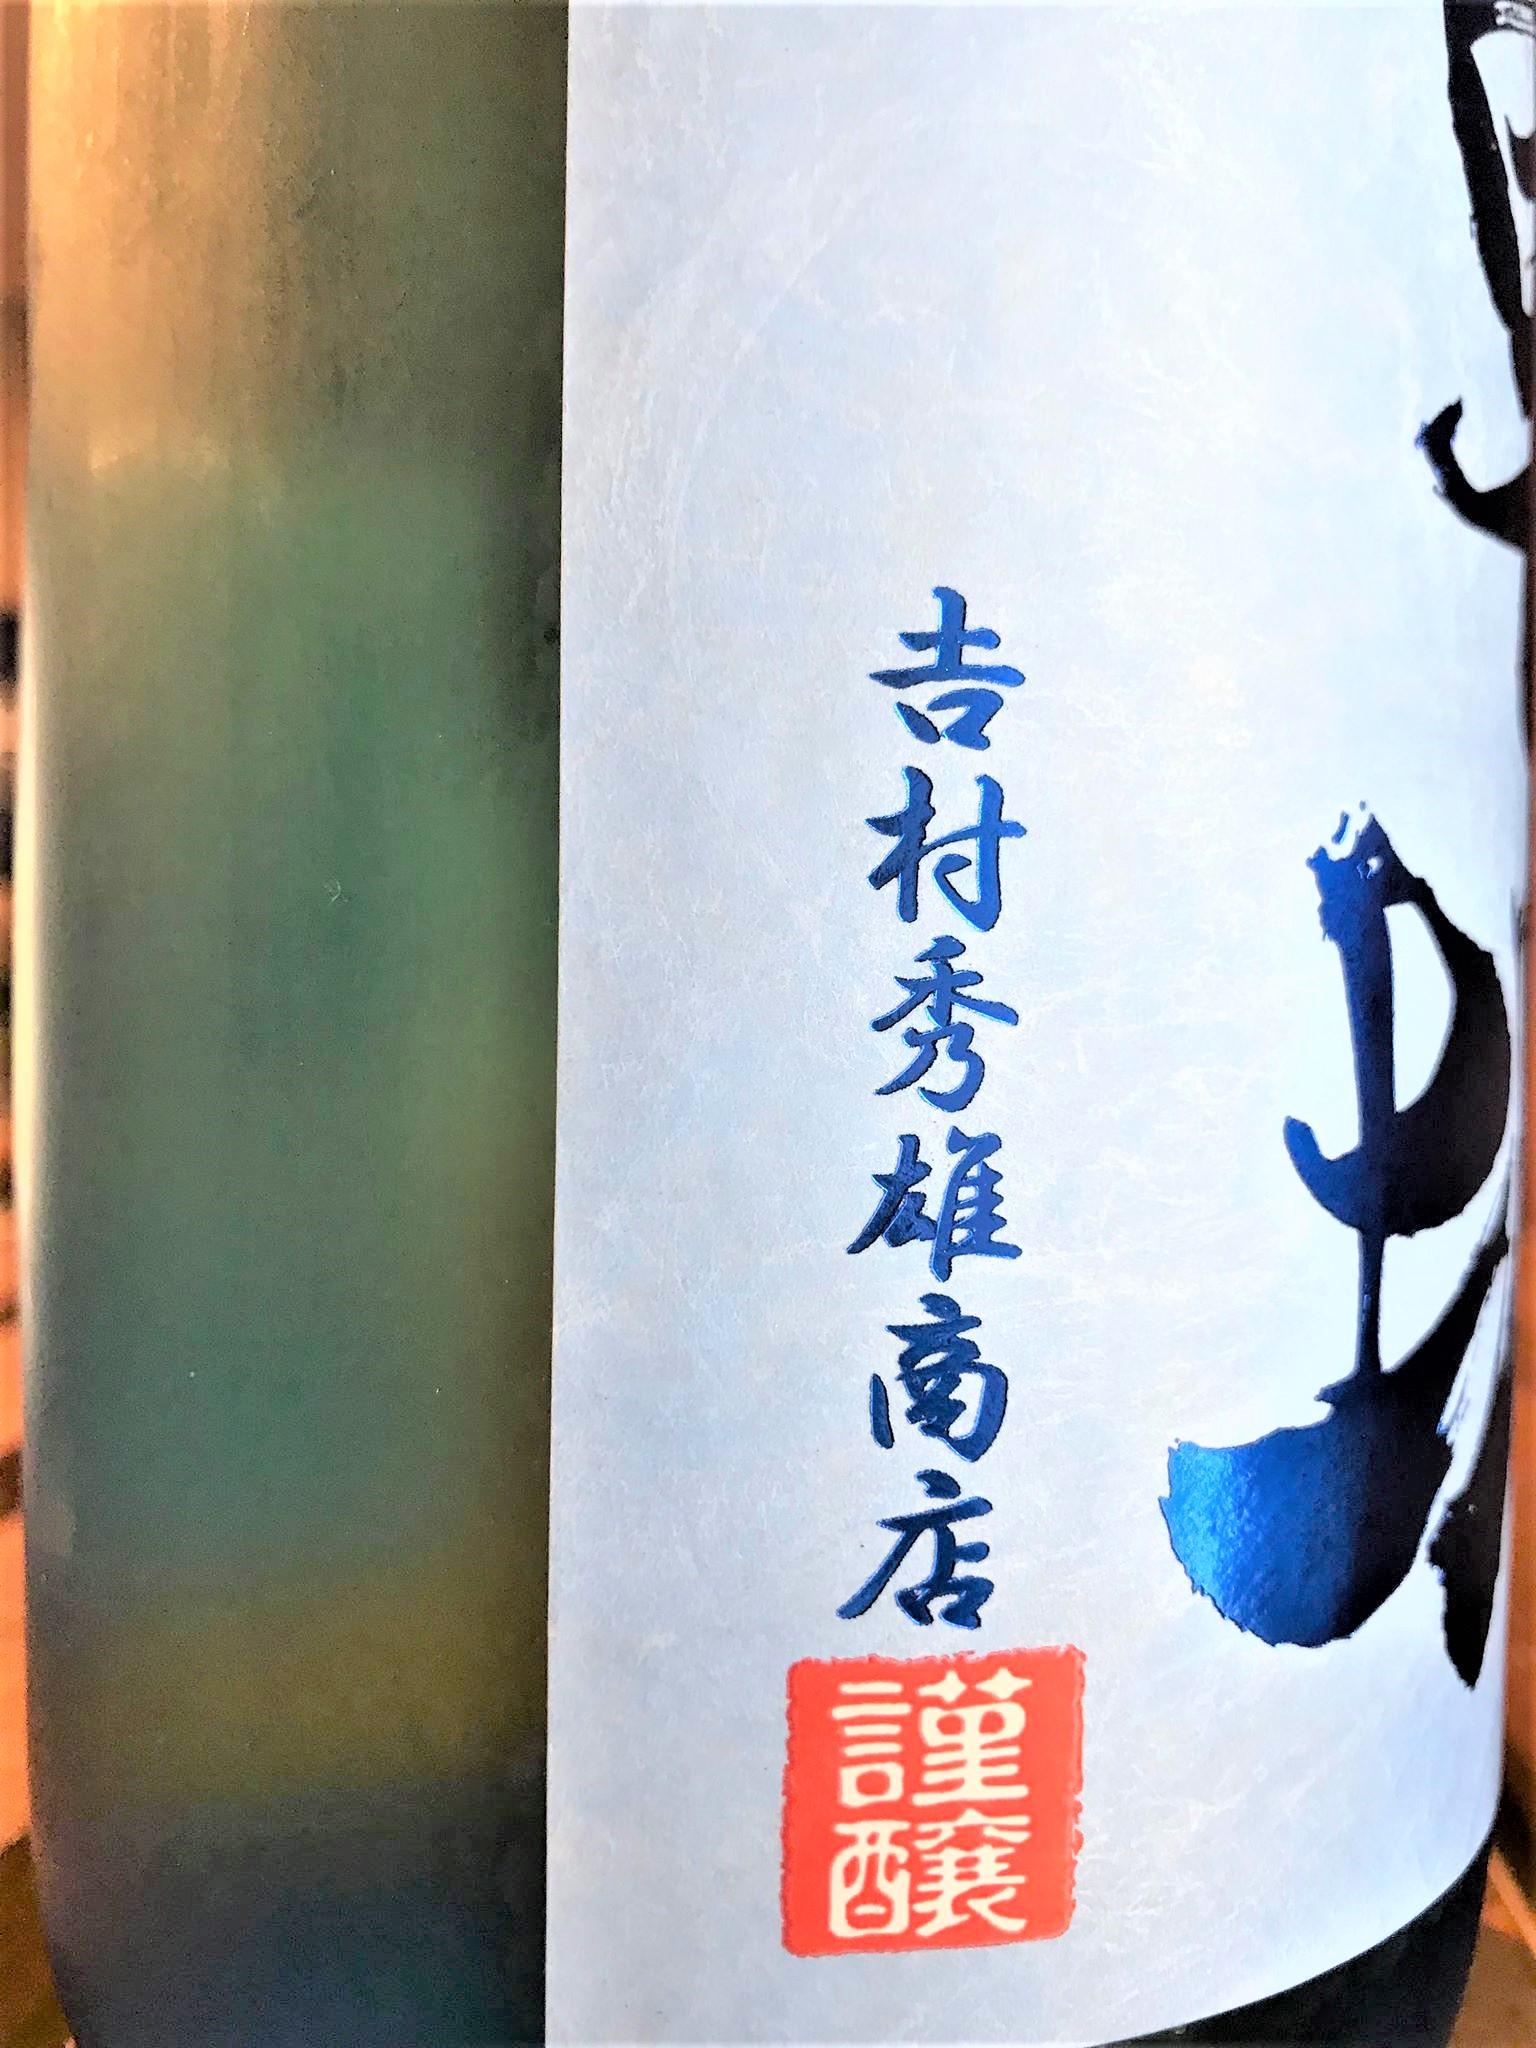 【日本酒】車坂 涼の純米🌊 無濾過生貯蔵酒 和歌山産玉栄仕込み 限定 30BY🆕_e0173738_19565789.jpg